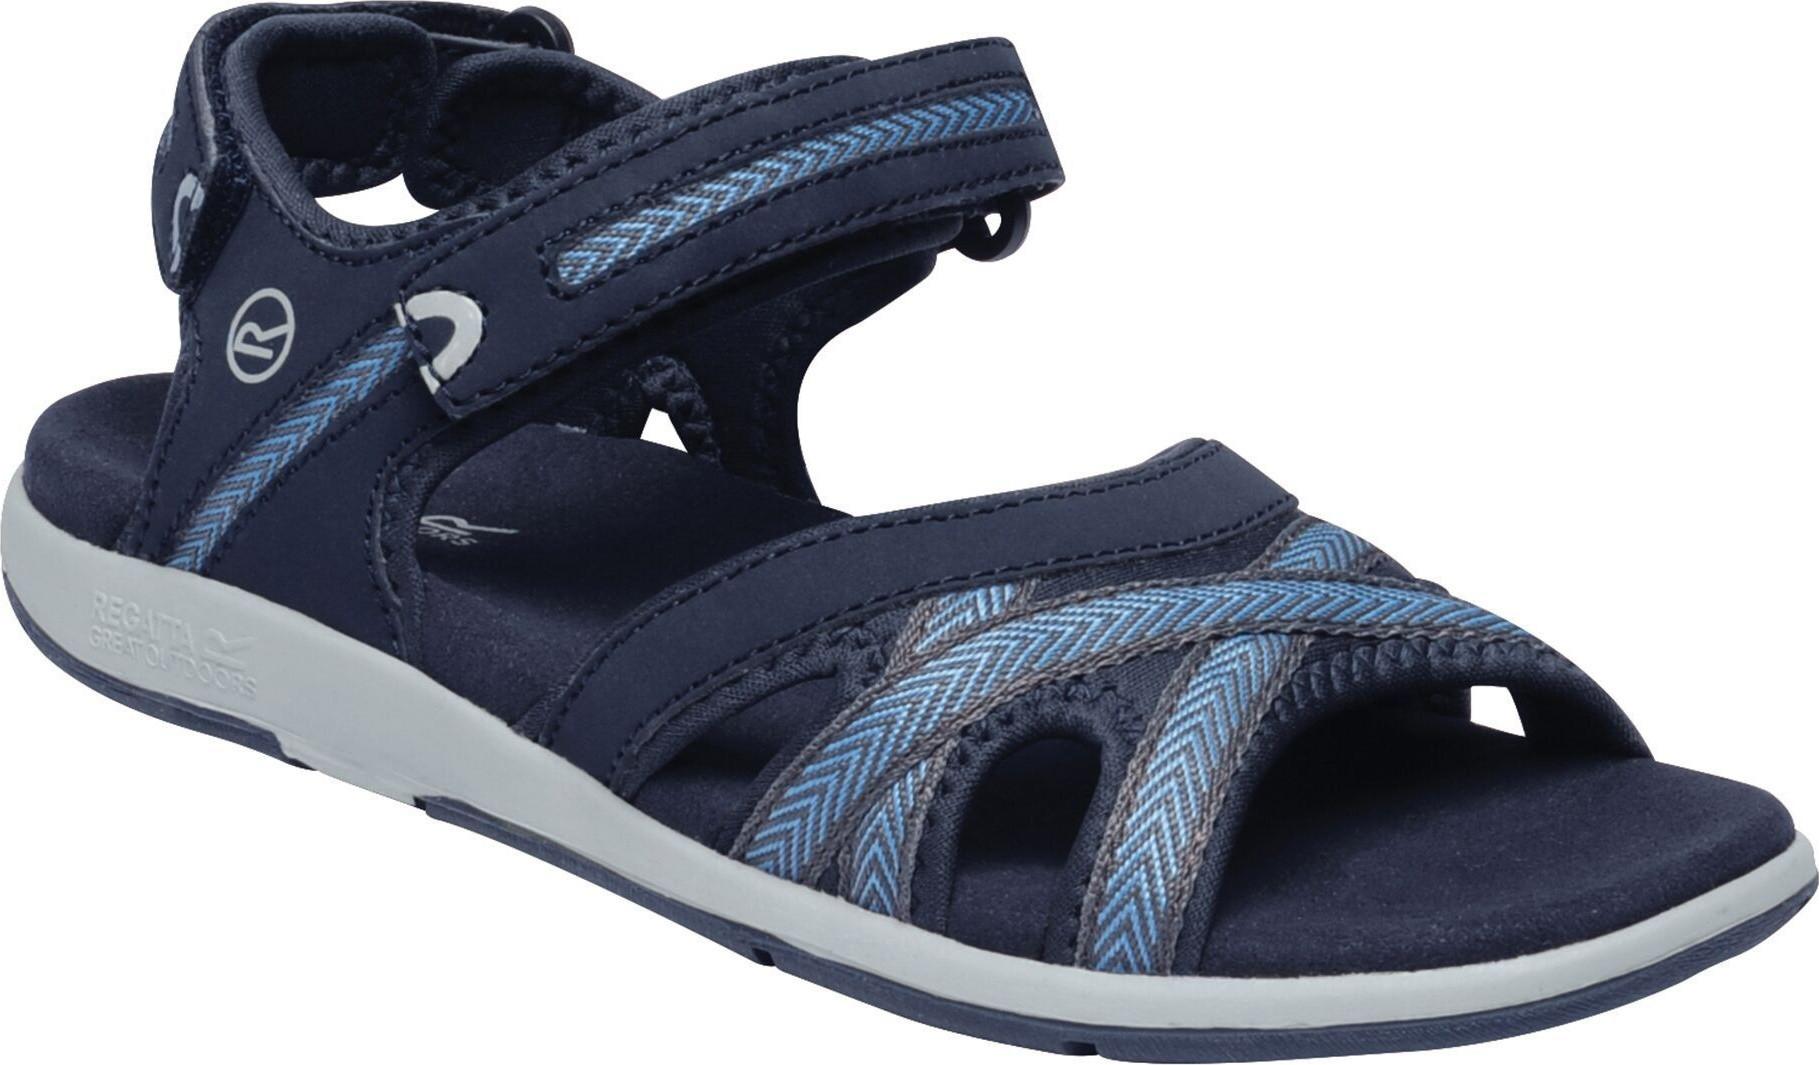 Dámske sandále Regatta Lady Santa Clara 525 modré modrá 39